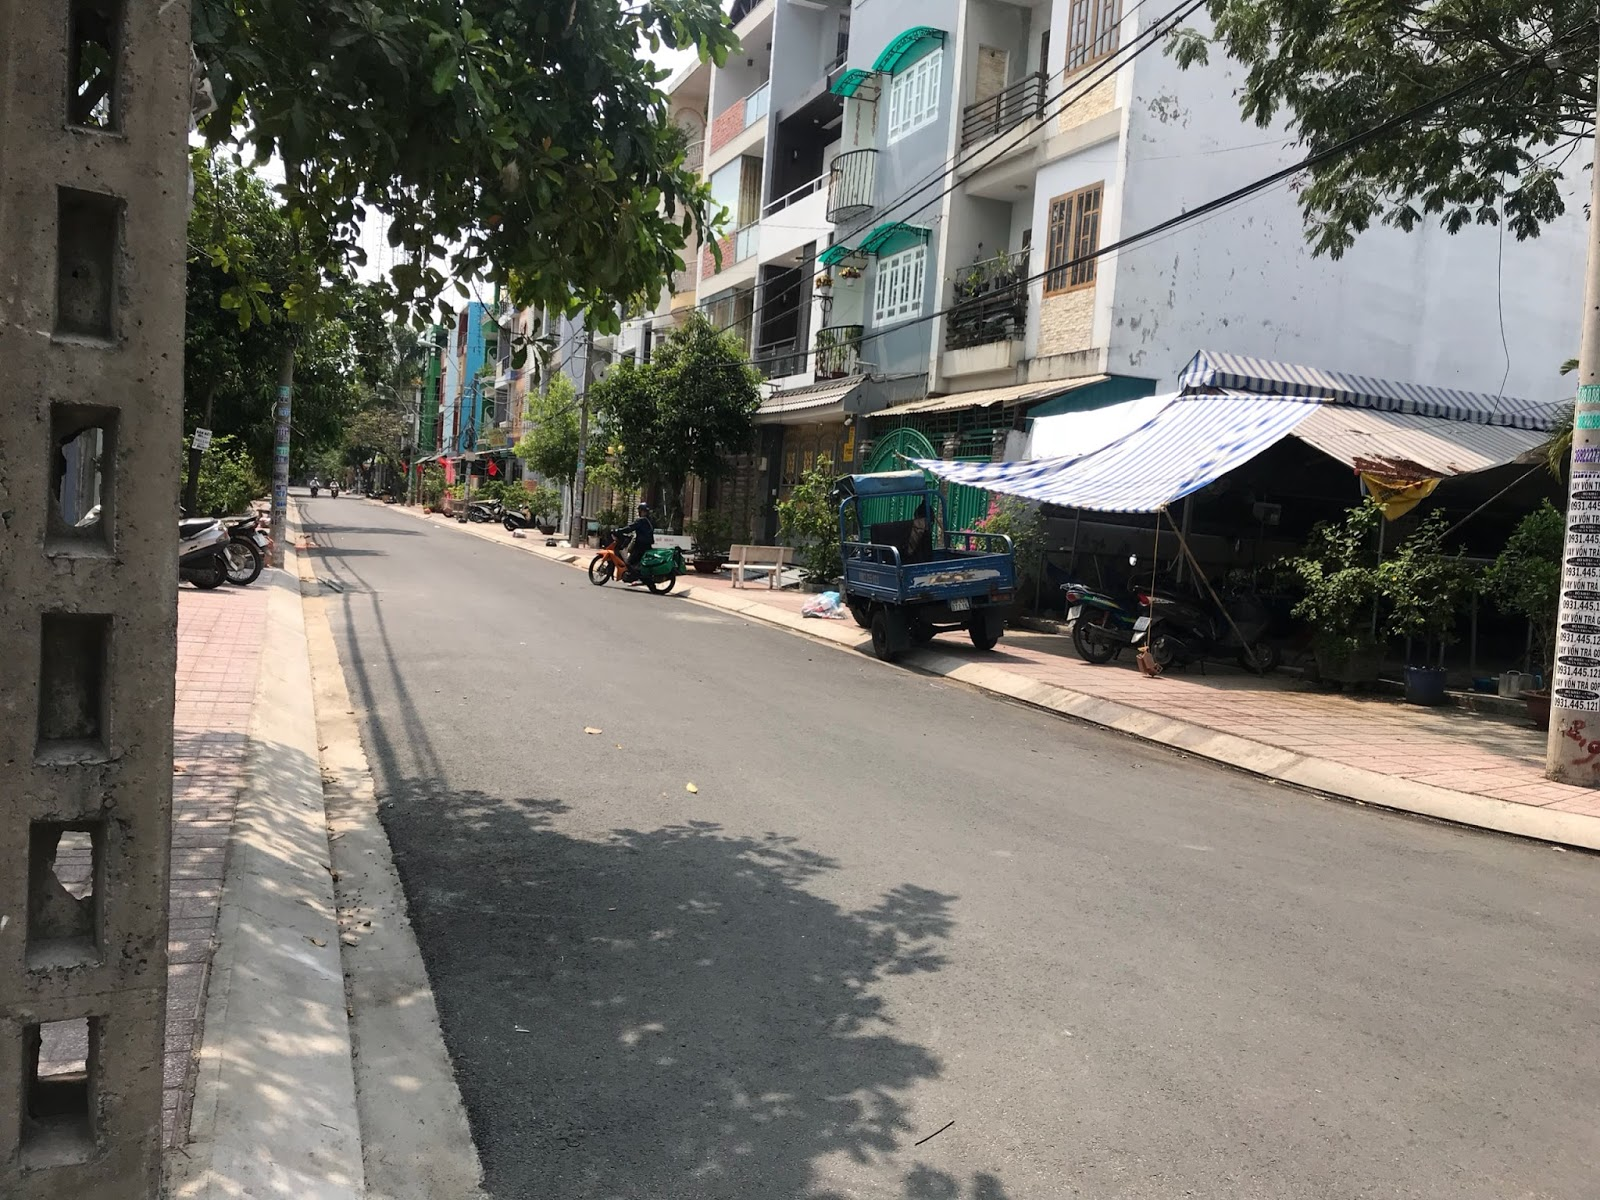 Bán nhà phố và đất nền mặt tiền đường Phan Anh Quận Tân Phú 03